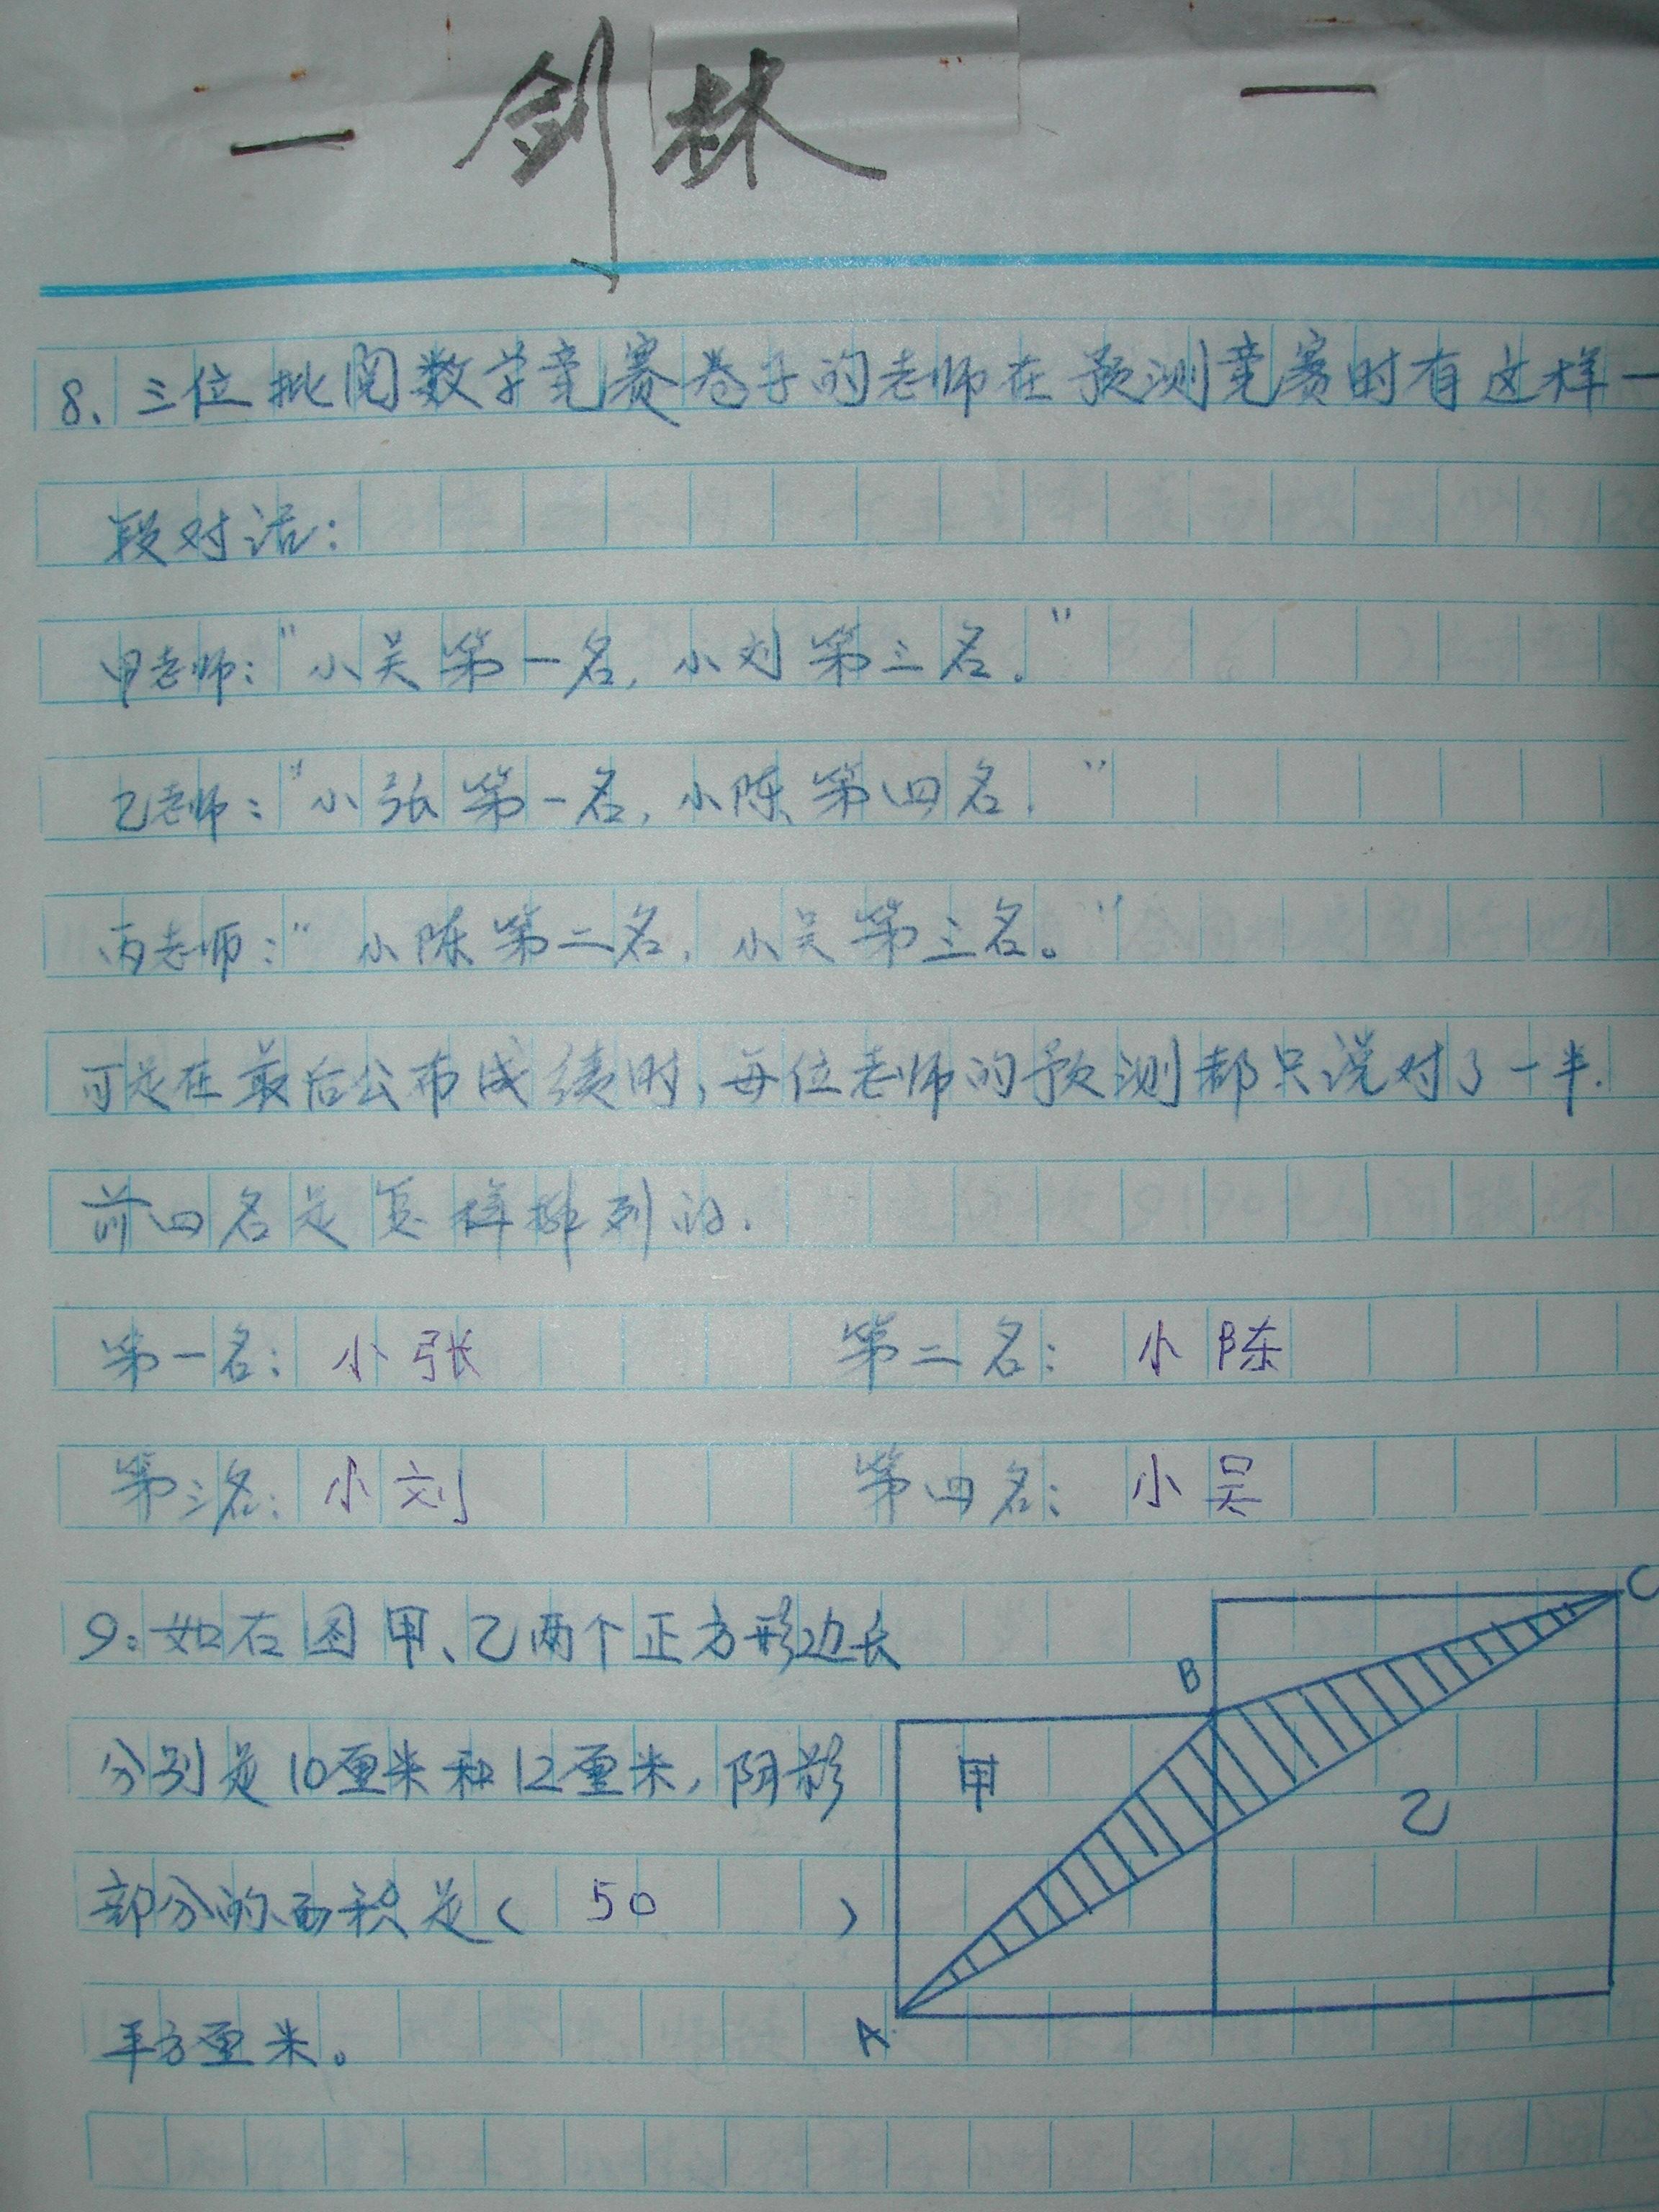 数学竞赛训练题目·回忆1.JPG